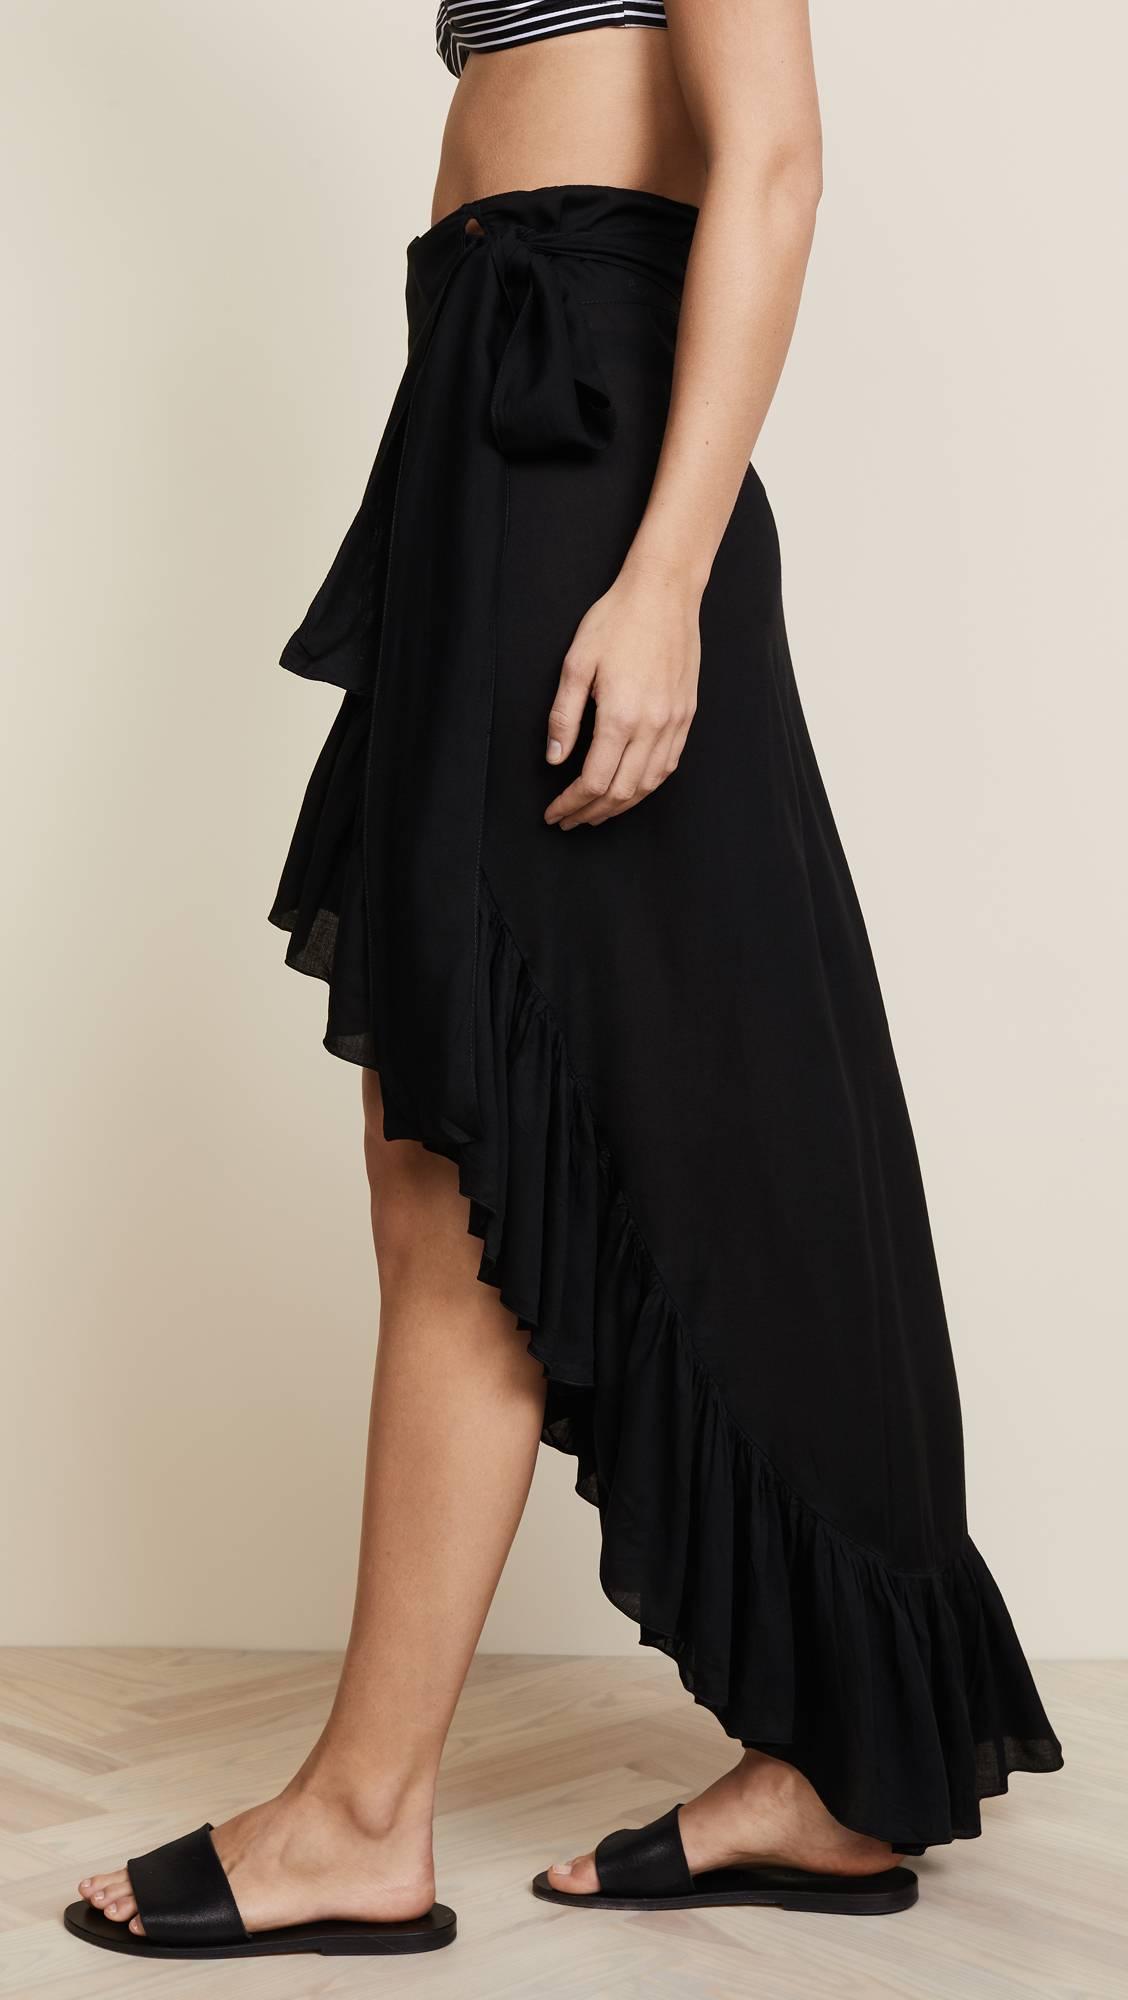 Фасоны юбок – подбери лучшую модель для себя